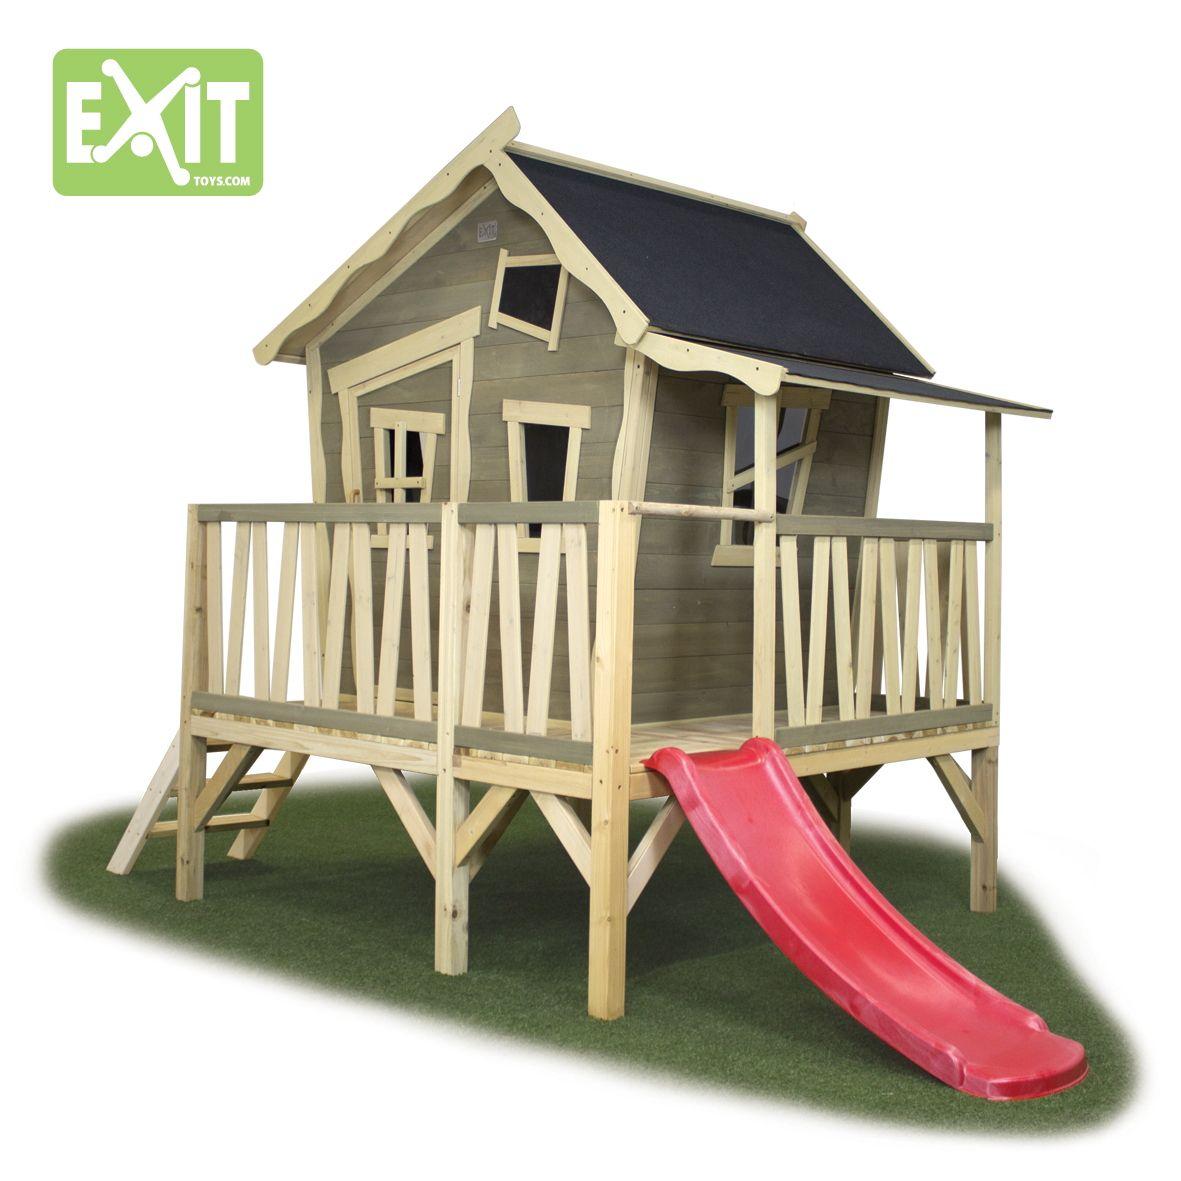 Elegant Kinder Spielhaus EXIT Crooky Holzhaus Stelzenhaus mit gro er Veranda Sehr liebevoll gestaltetes